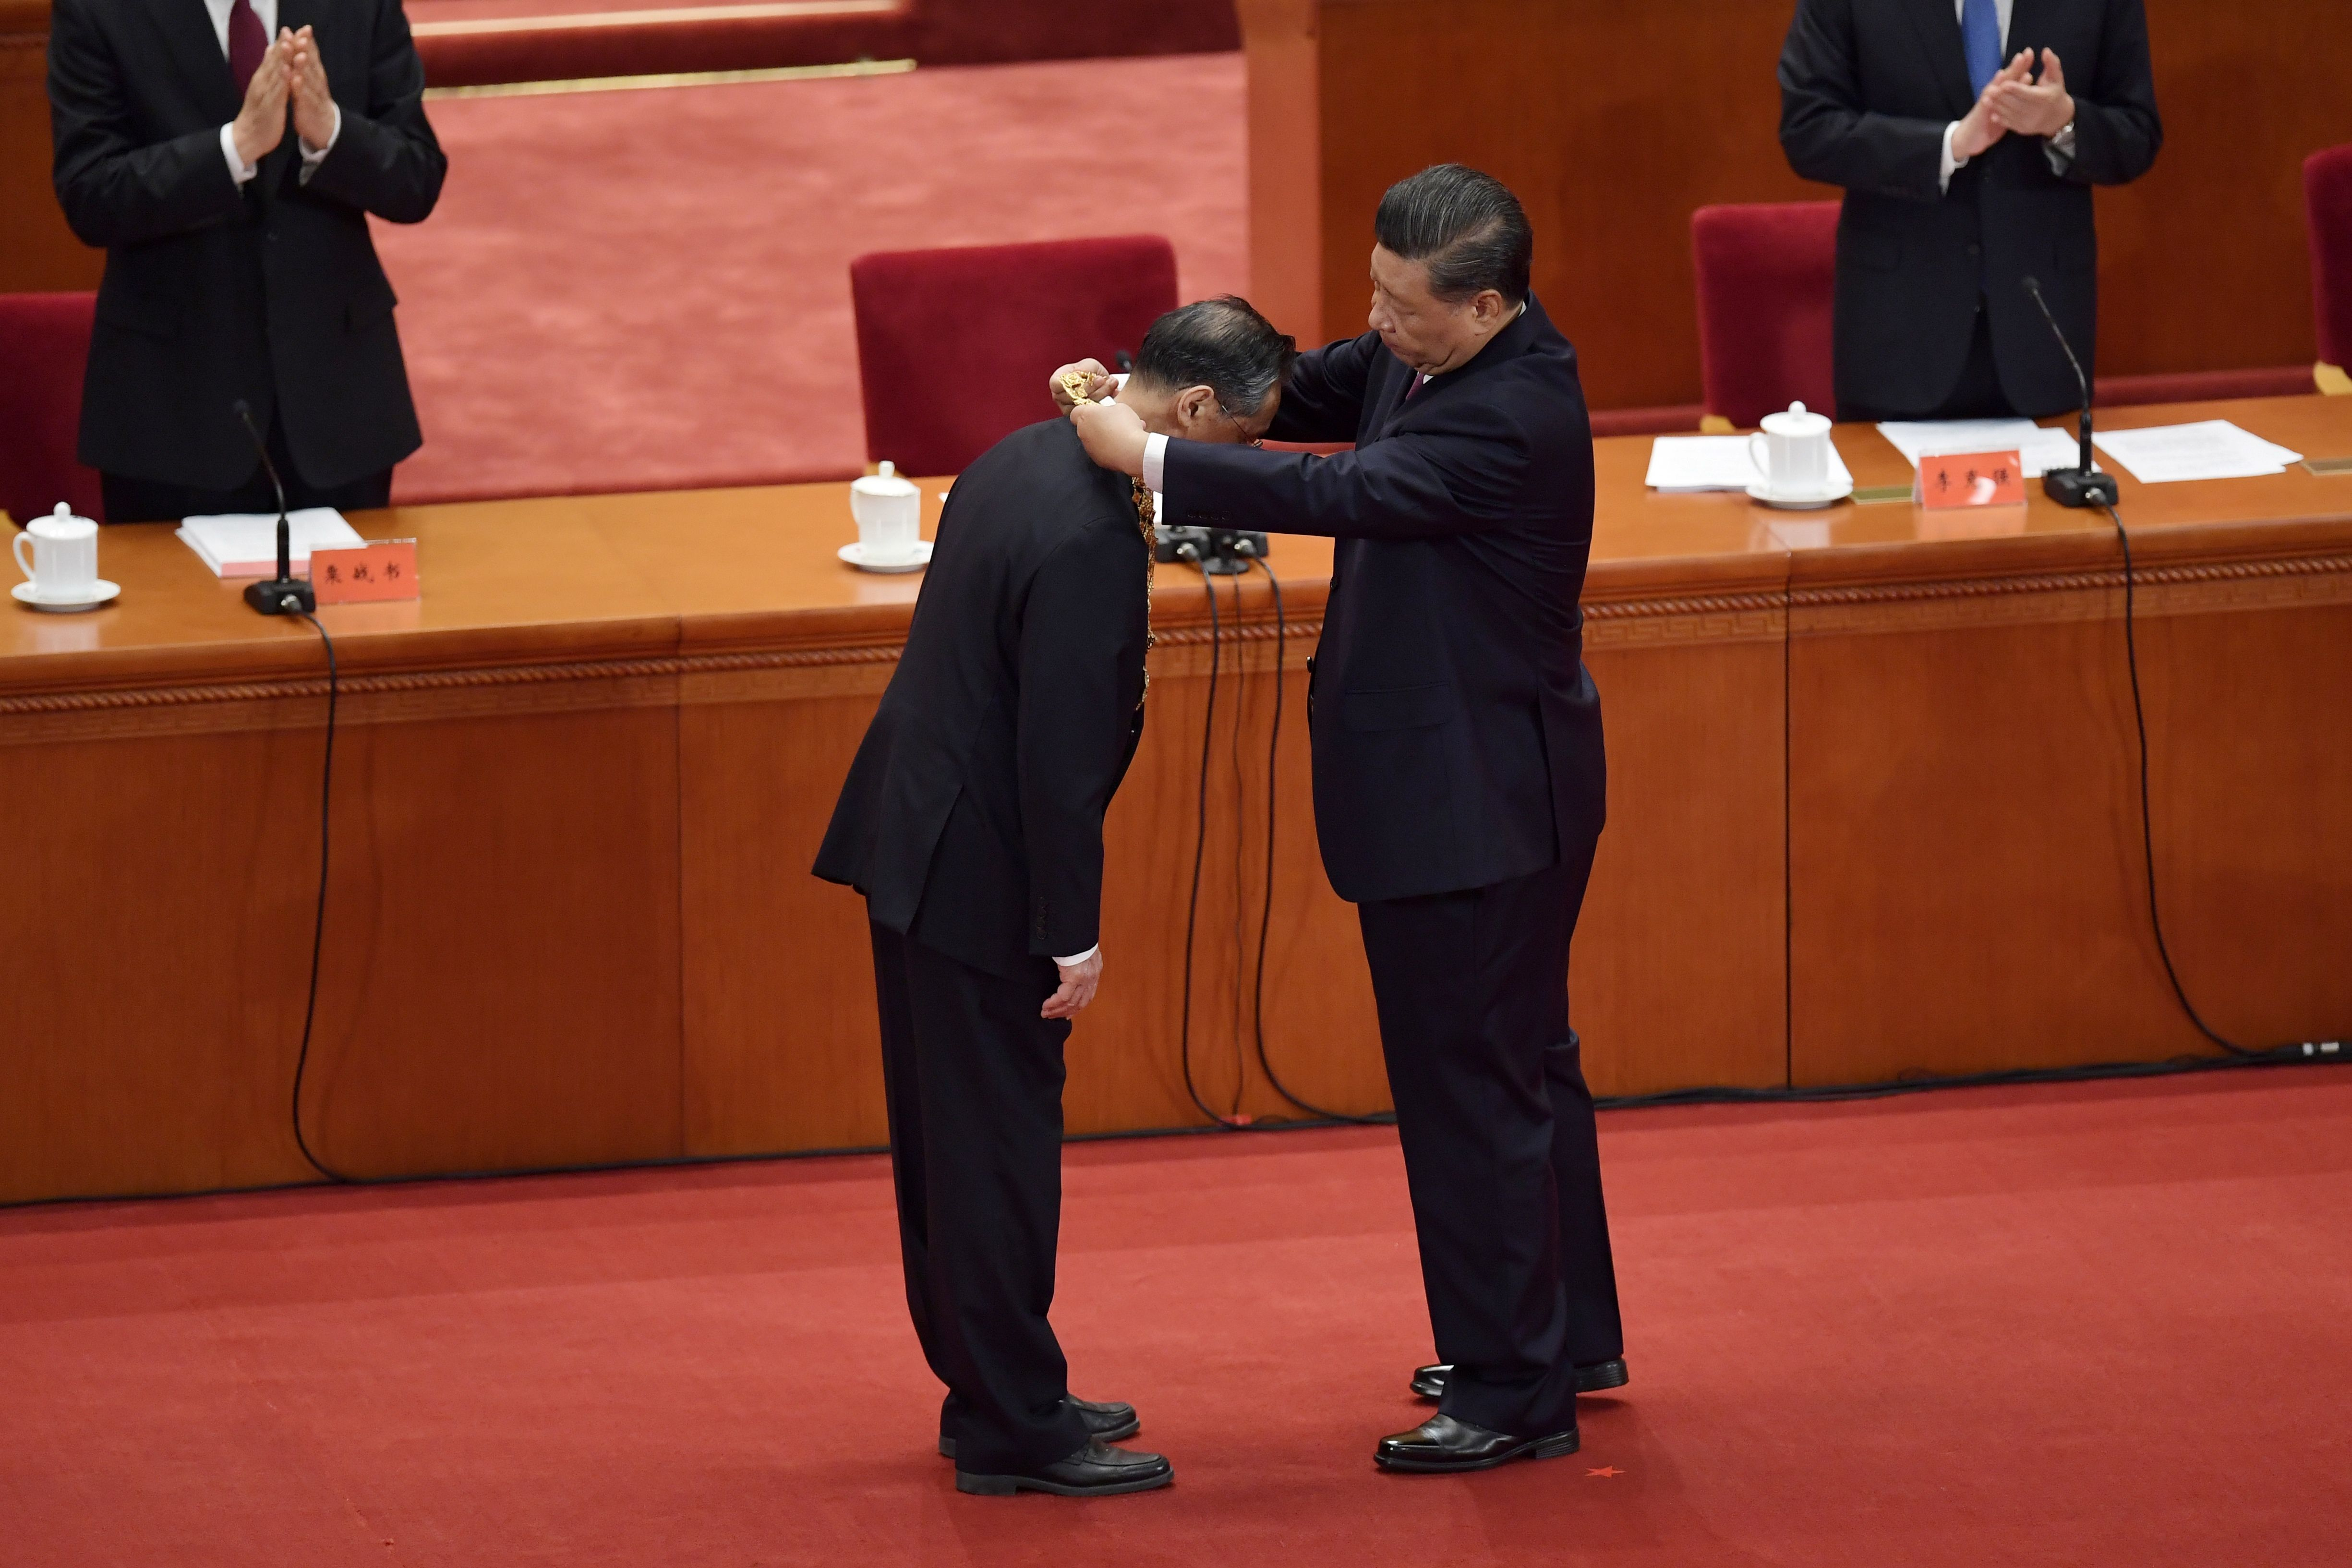 周曉輝:北京上演表彰鬧劇 特朗普追責要出重手